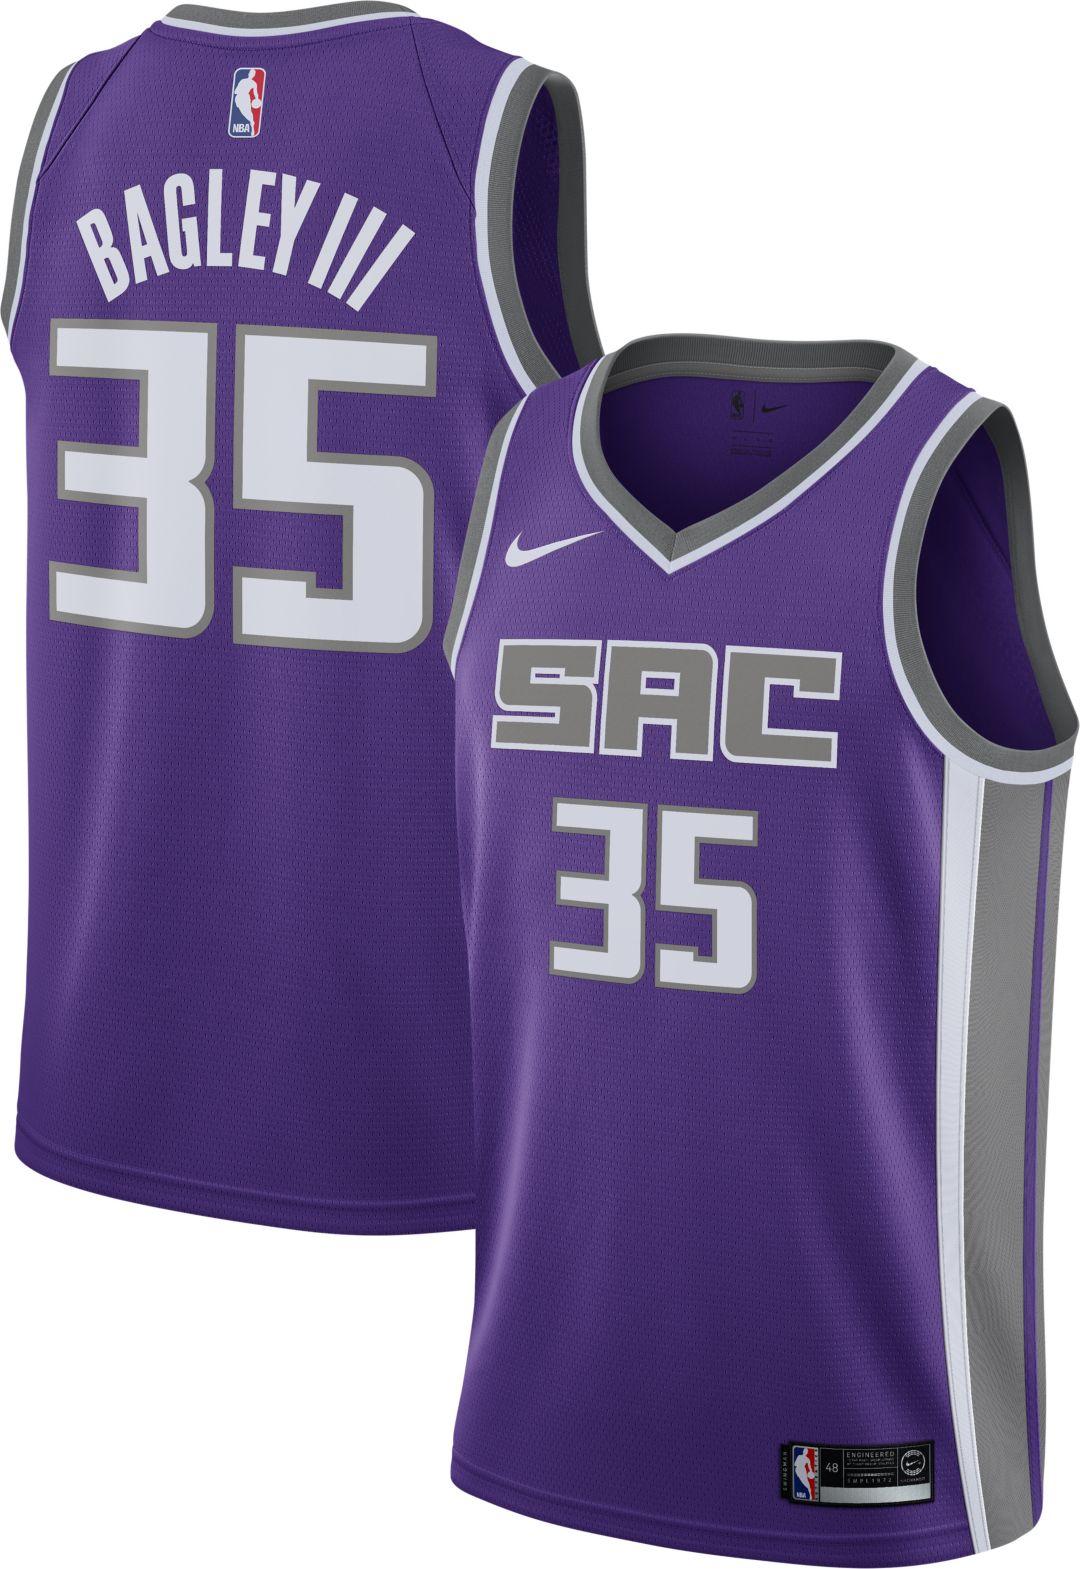 671770aafa5 Nike Men's Sacramento Kings Marvin Bagley III #35 Purple Dri-FIT Swingman  Jersey 1